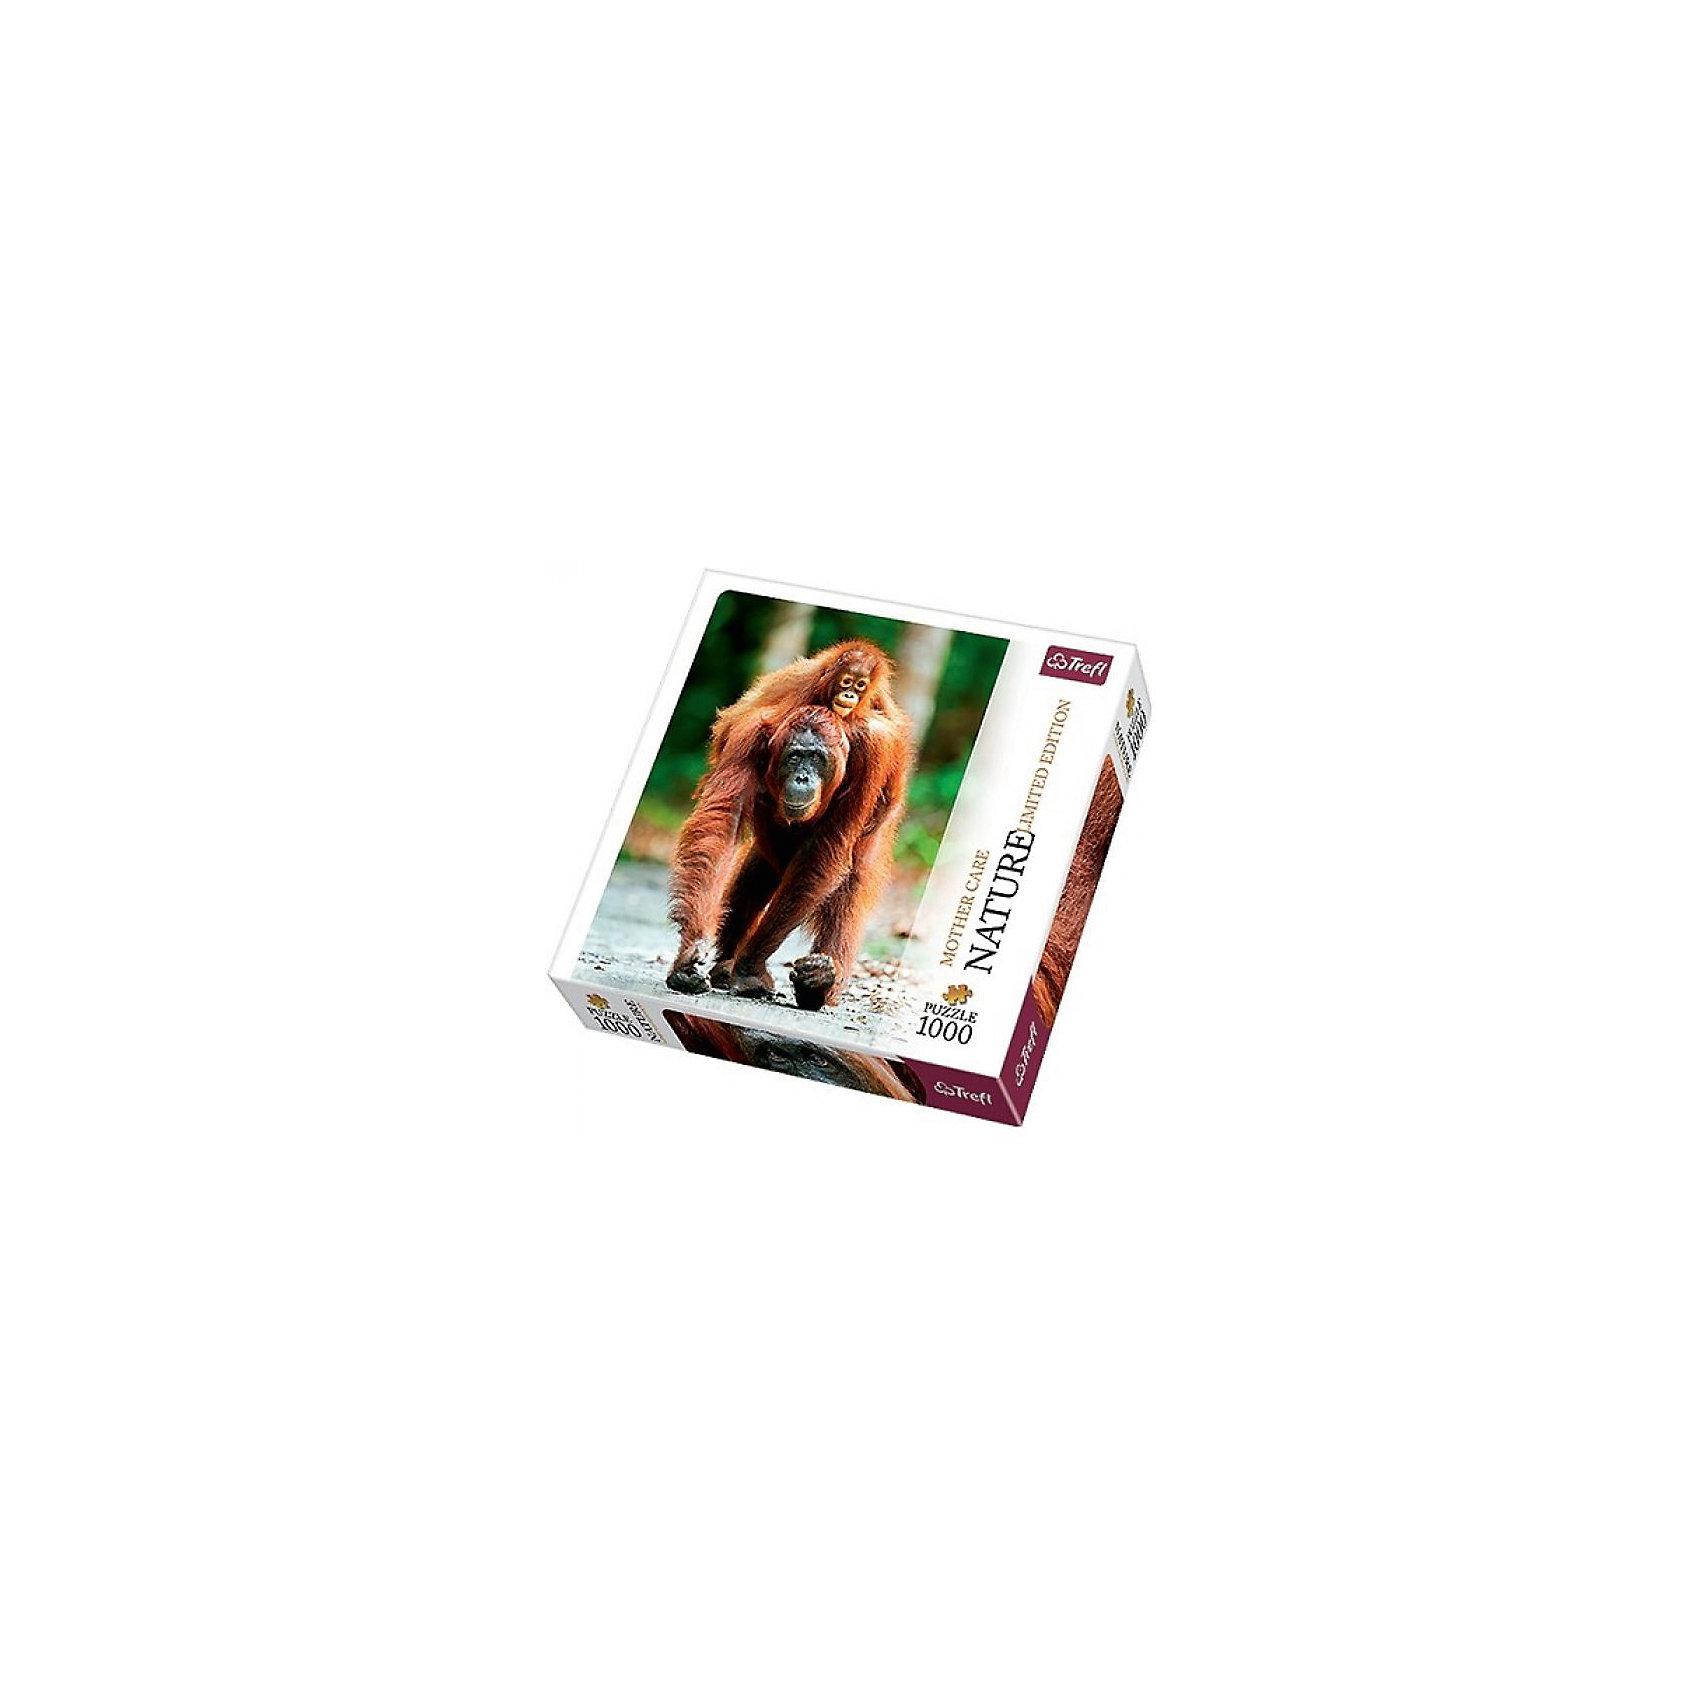 Пазл Орангутан, 1000 деталей, TreflКлассические пазлы<br>Характеристики товара:<br><br>• возраст от 7 лет;<br>• материал: картон;<br>• в наборе: 1000 элементов;<br>• размер пазла 68х48 см;<br>• размер упаковки 27х40х6 см;<br>• вес упаковки 750 гр.;<br>• страна производитель Польша.<br><br>Пазл «Орангутан» Trefl — красочный пазл с изображением орангутана и его детеныша. Собирание пазла — увлекательное занятие, во время которого развиваются внимательность, усидчивость, аккуратность. Пазл изготовлен из качественных экологически чистых материалов. <br><br>Пазл «Орангутан» Trefl можно приобрести в нашем интернет-магазине.<br><br>Ширина мм: 260<br>Глубина мм: 260<br>Высота мм: 40<br>Вес г: 750<br>Возраст от месяцев: 72<br>Возраст до месяцев: 2147483647<br>Пол: Унисекс<br>Возраст: Детский<br>SKU: 5578461